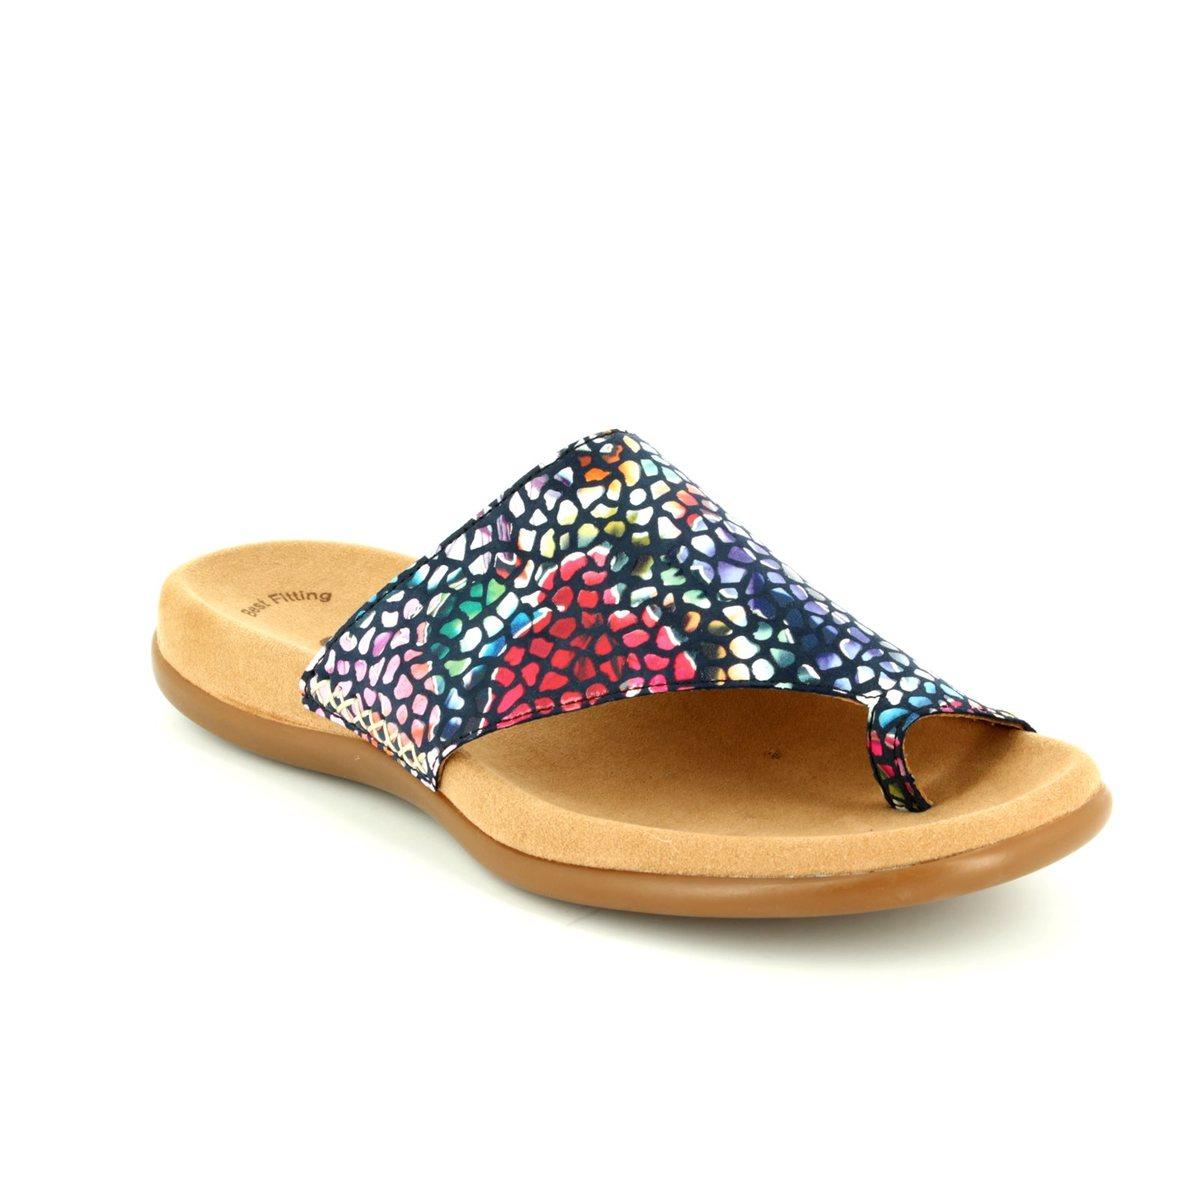 Gabor Sandals - Navy multi floral - 63.700.46 LANZAROTE a32aeb964